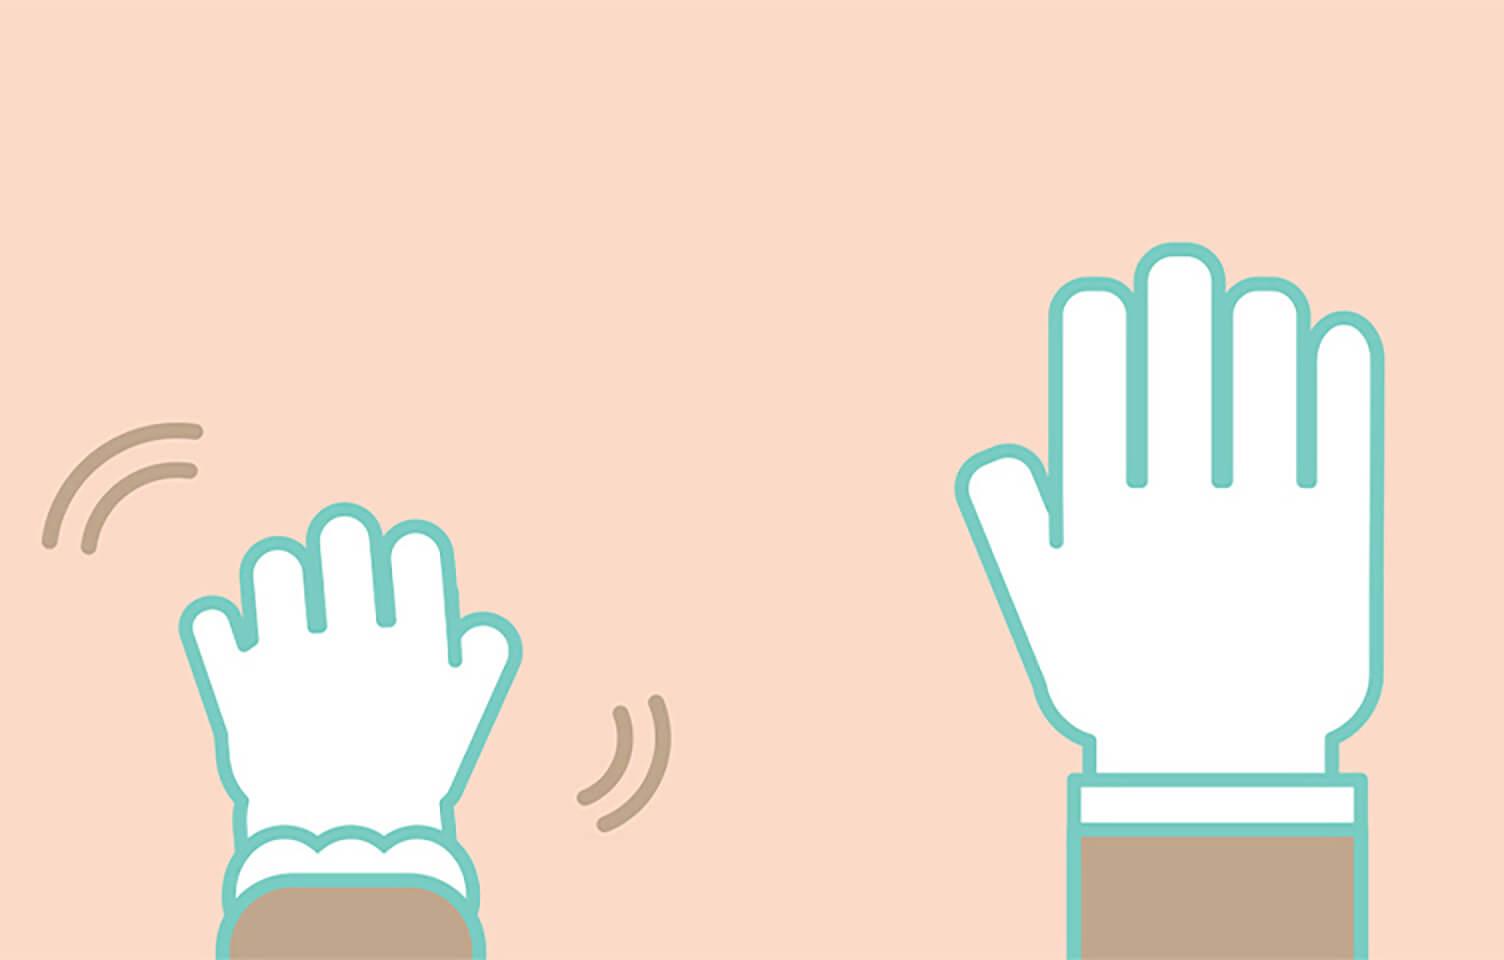 「大人より手先が不器用」のイメージ